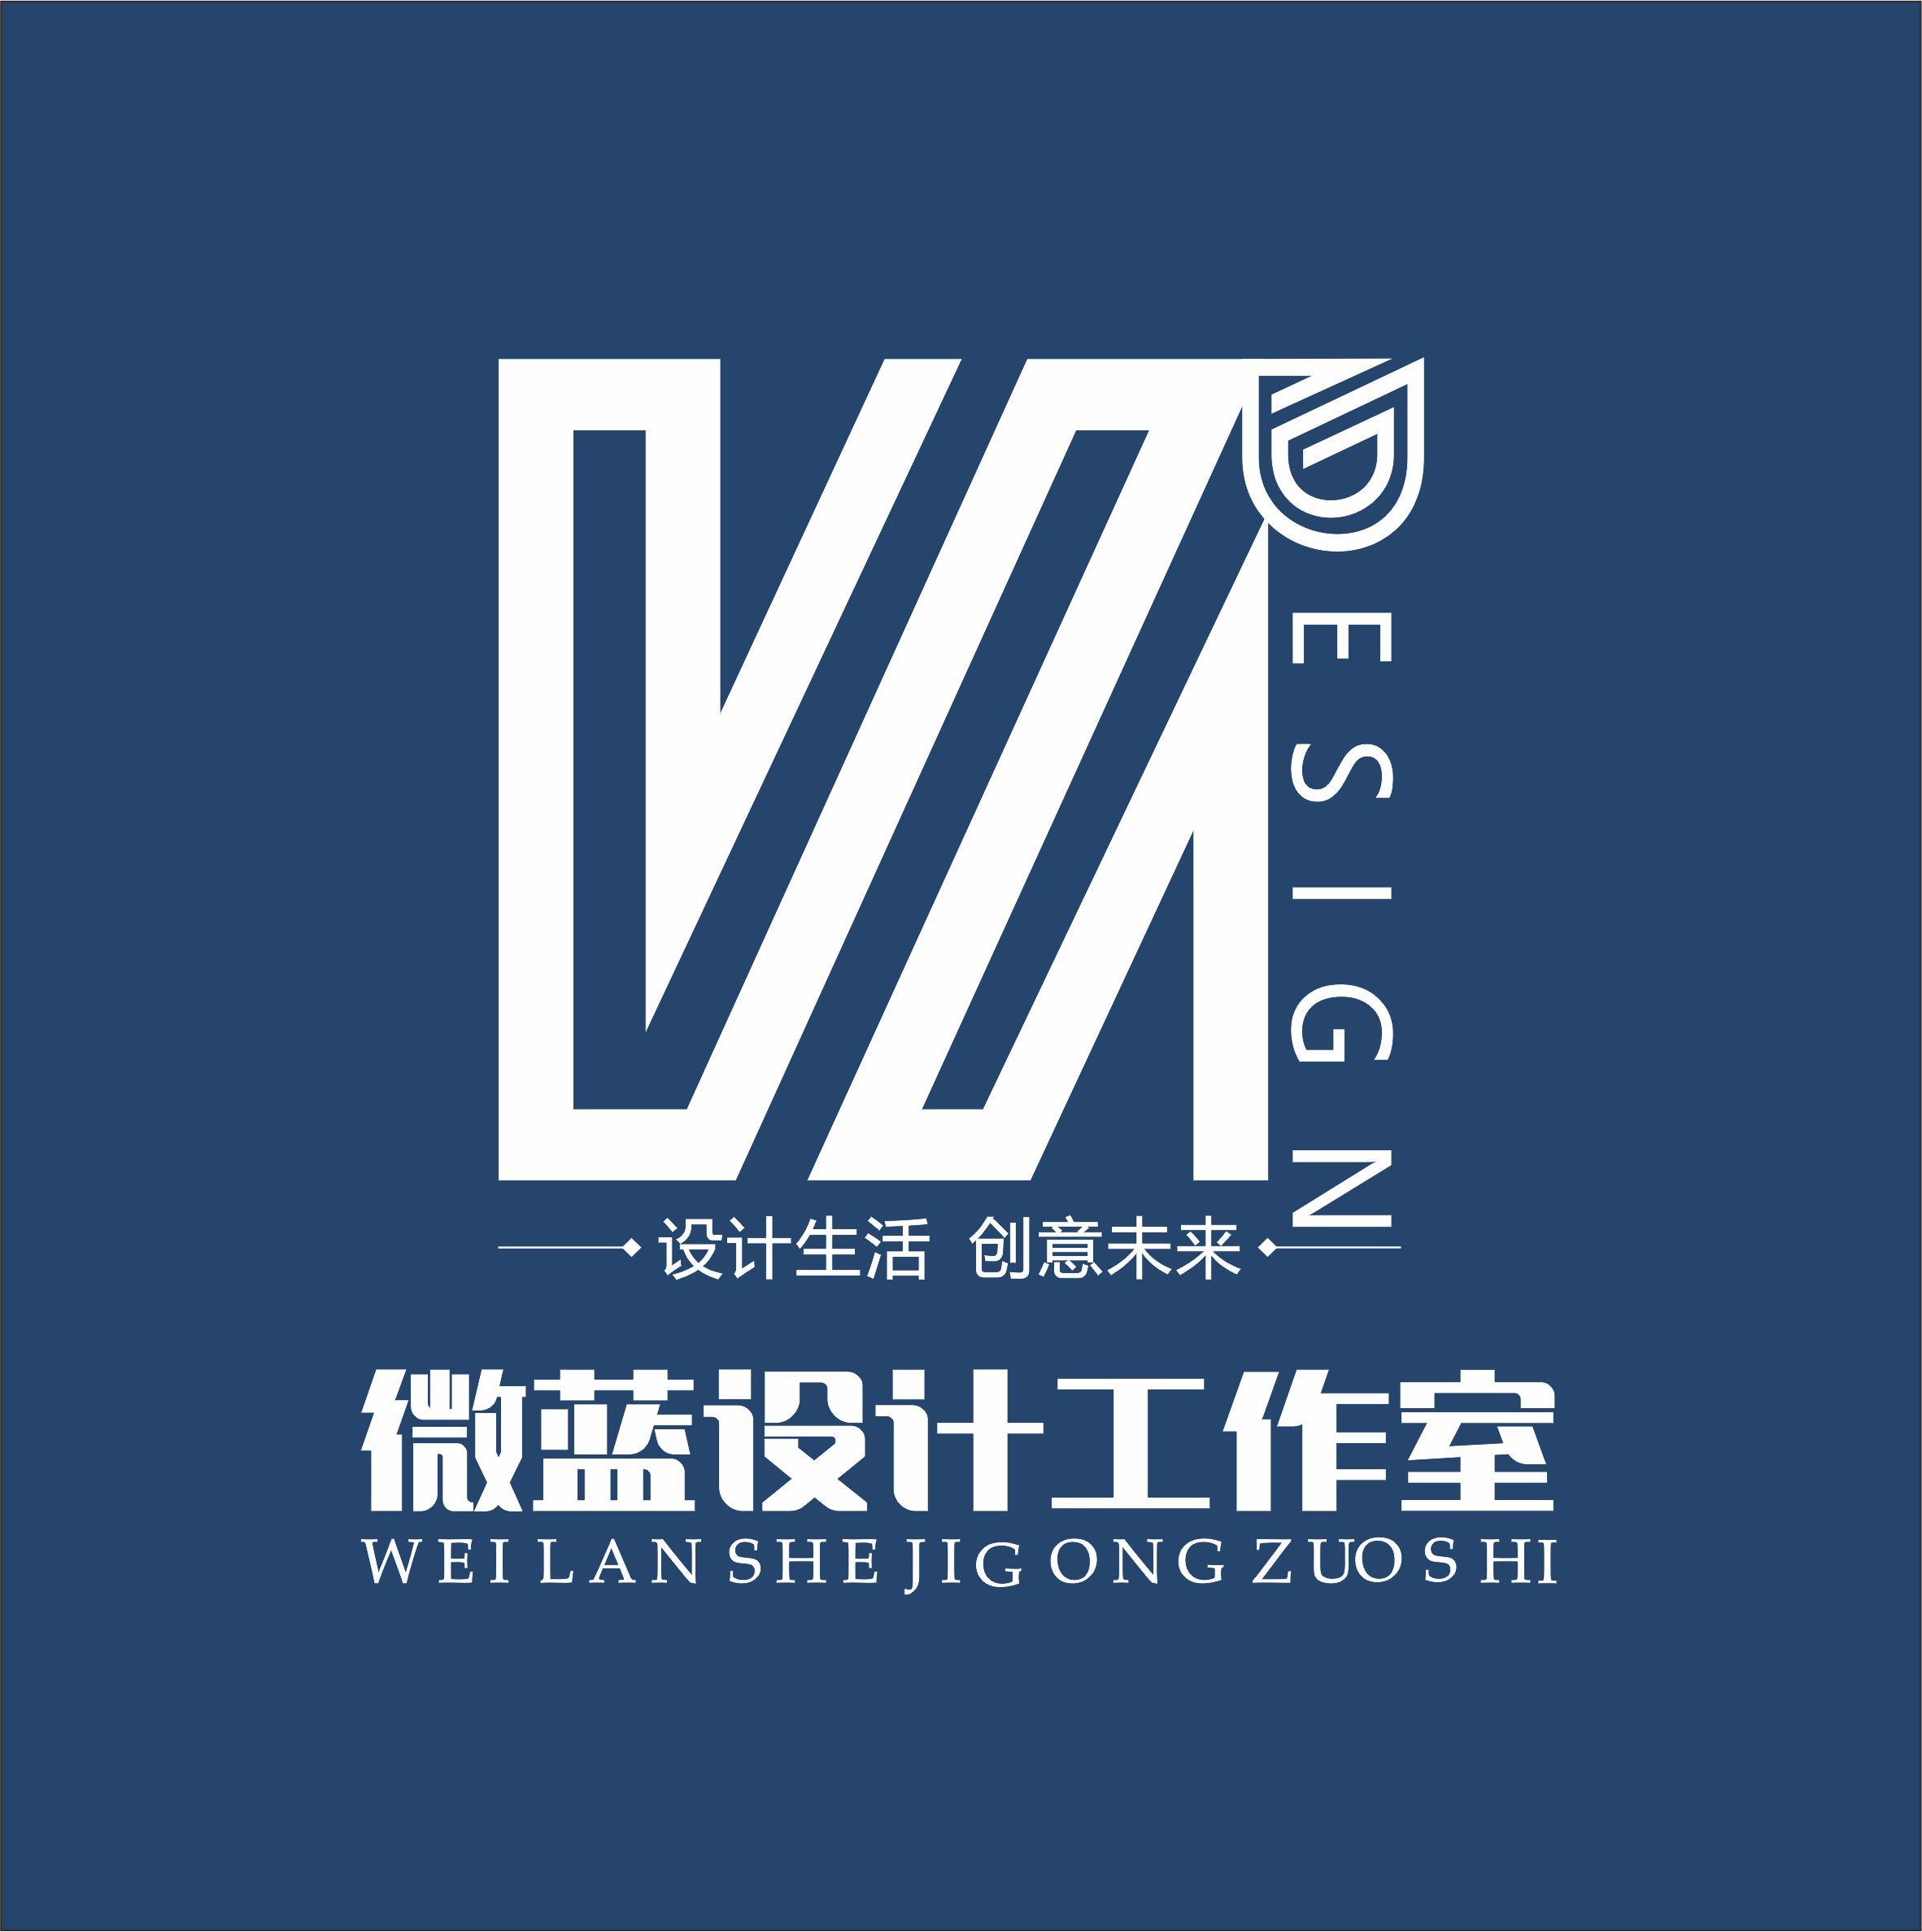 滑县微蓝装饰工程有限公司